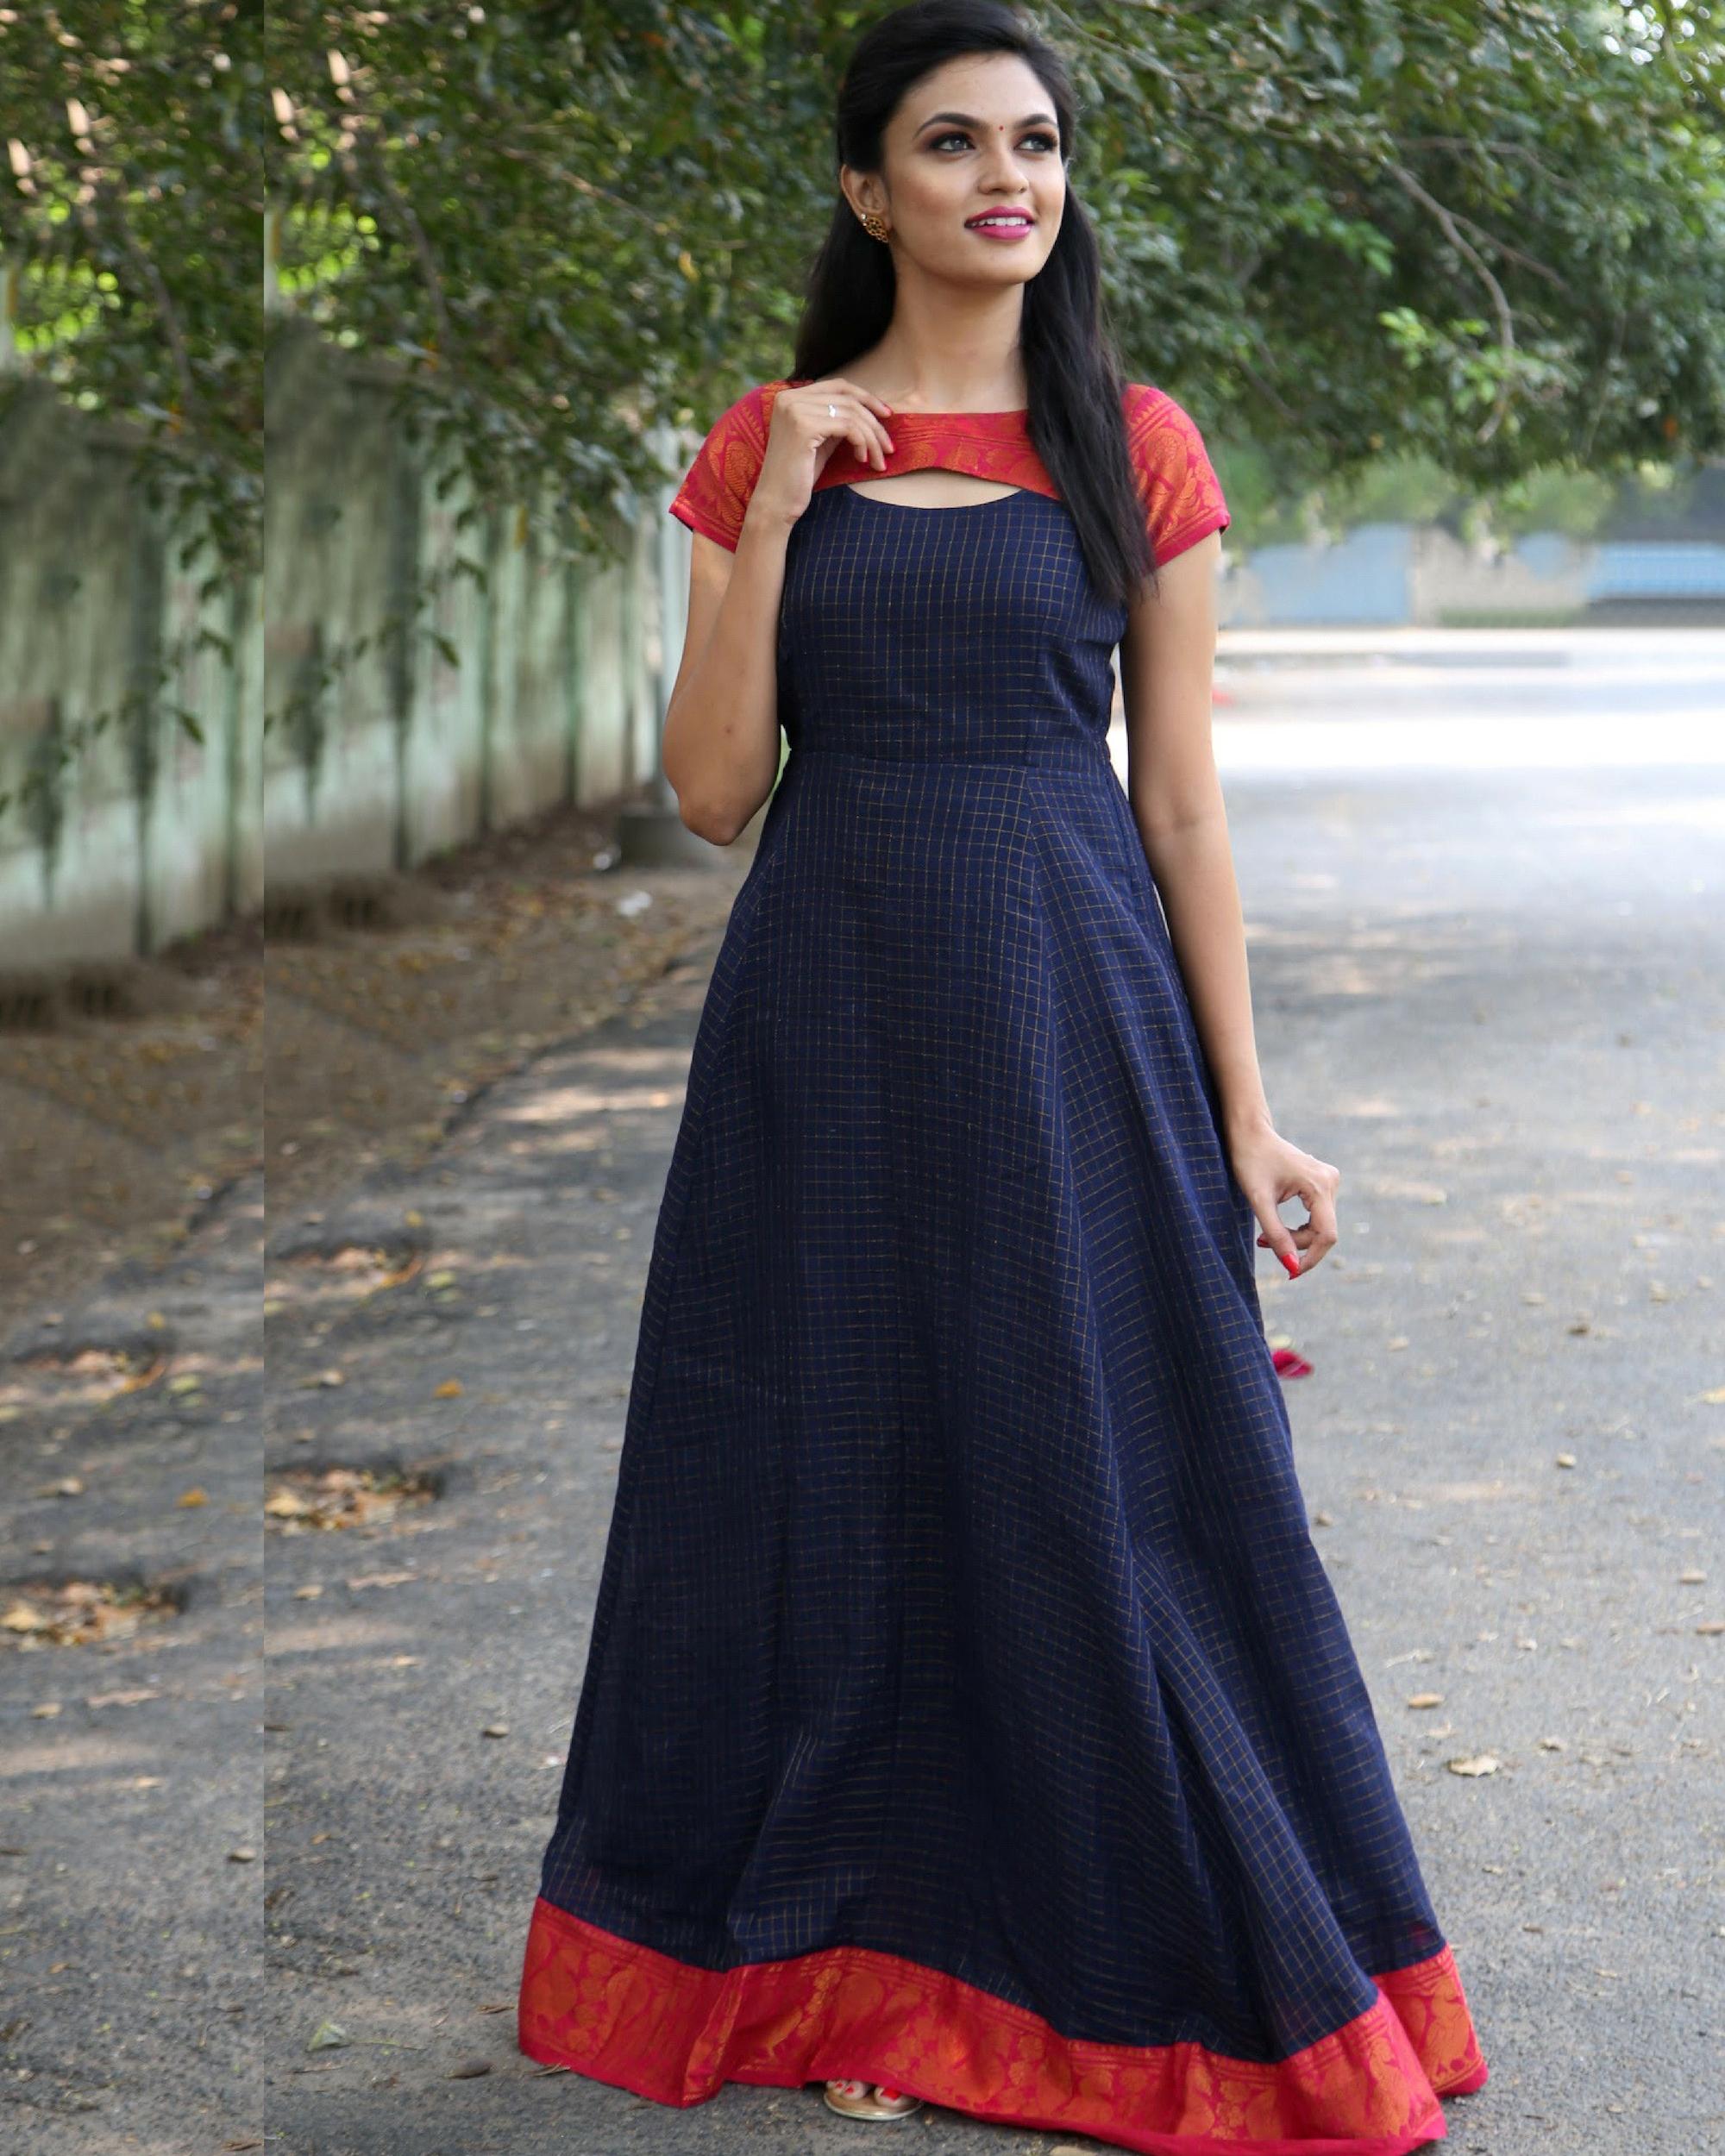 71affb5d94f594 Oxford blue anarkali dress by The Anarkali Shop